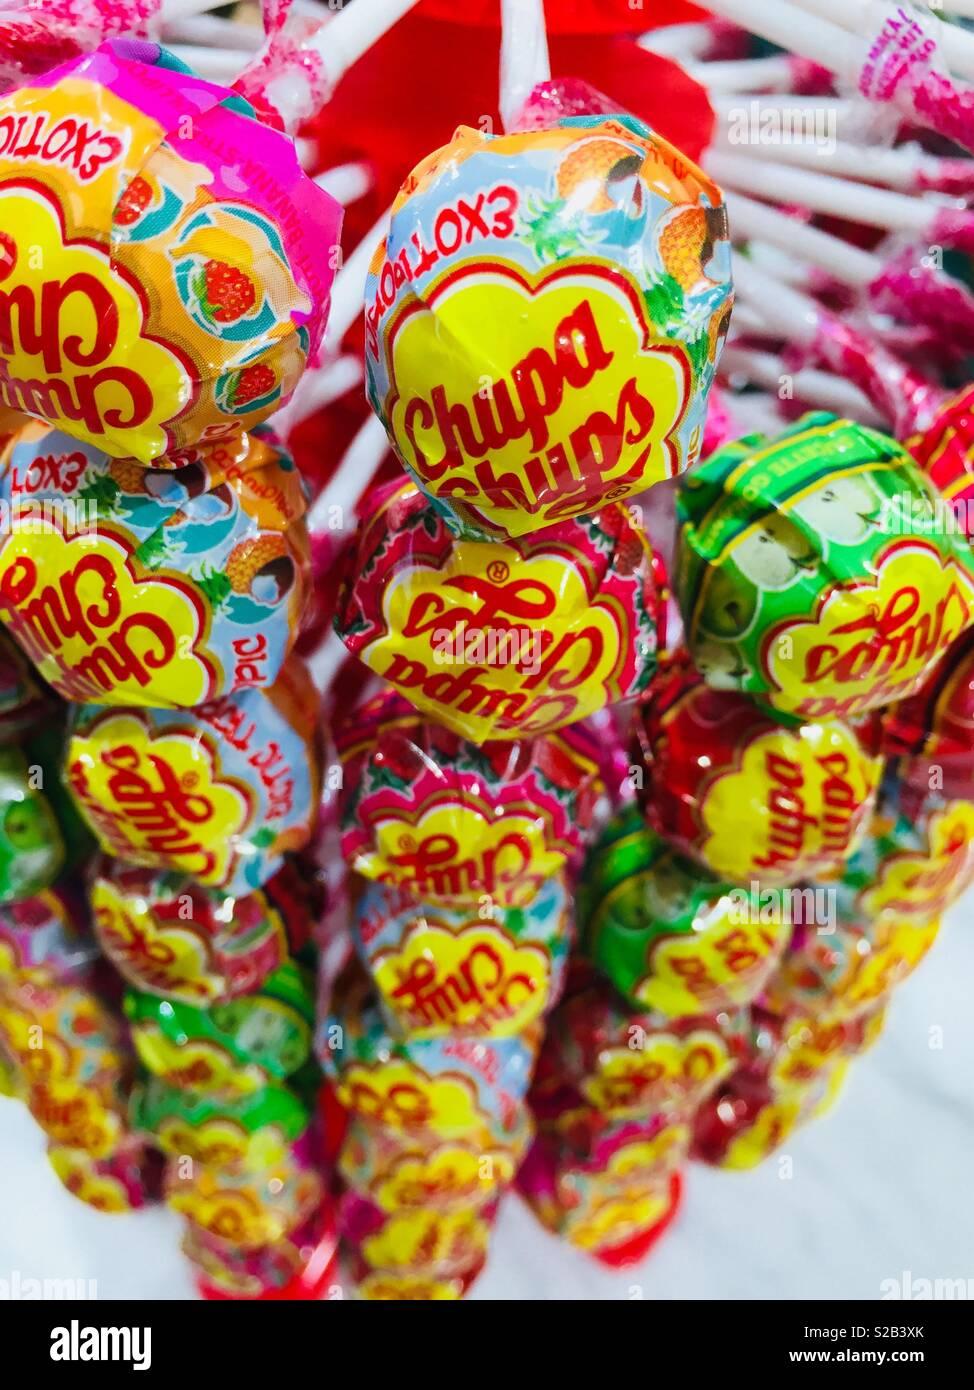 Candy ventose per la vendita, STATI UNITI D'AMERICA Immagini Stock